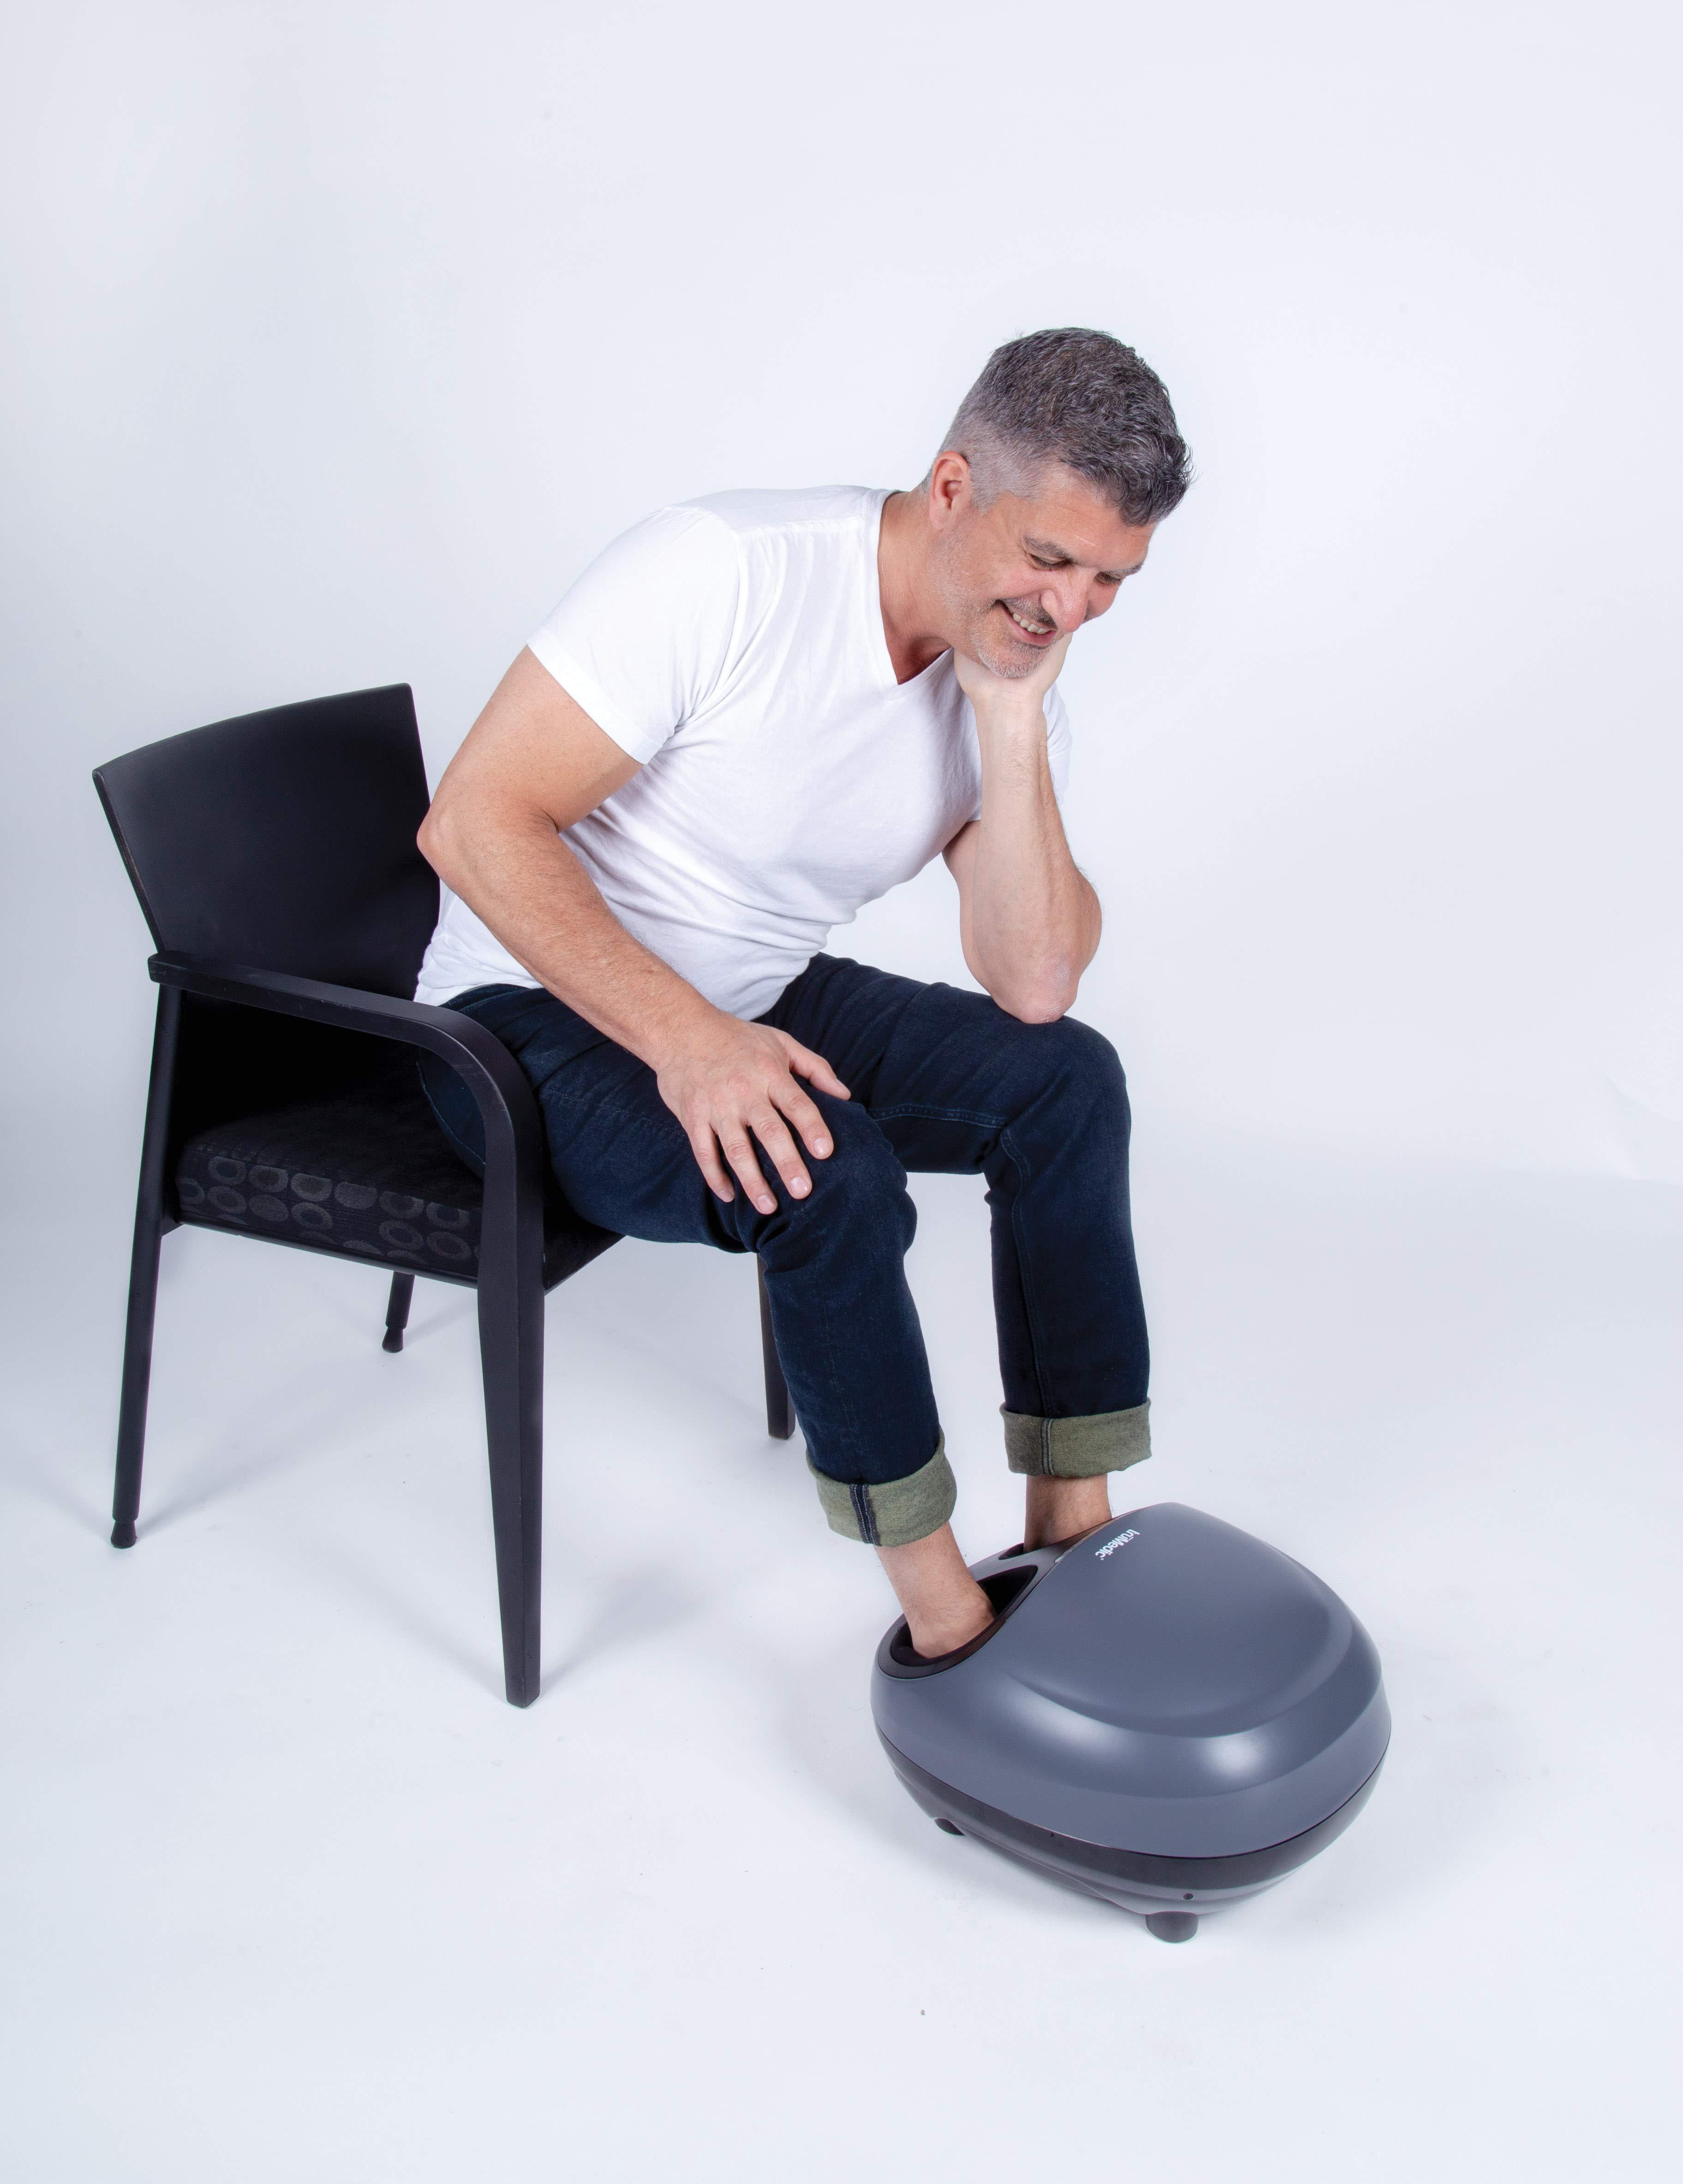 truShiatsu PRO Foot Massager Machine